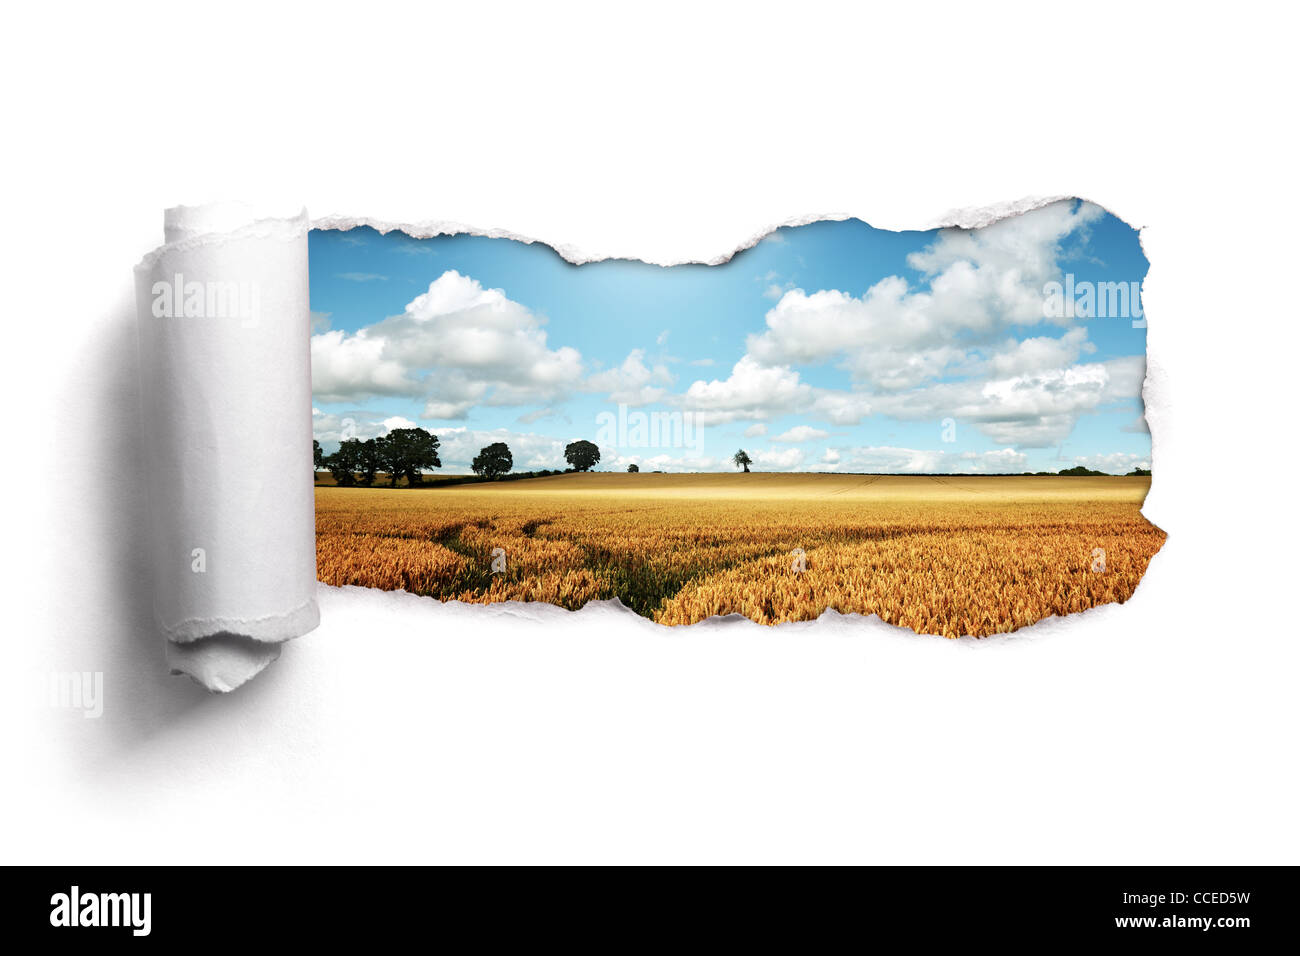 Trozos de papel a través de un paisaje de campo de trigo de verano Imagen De Stock